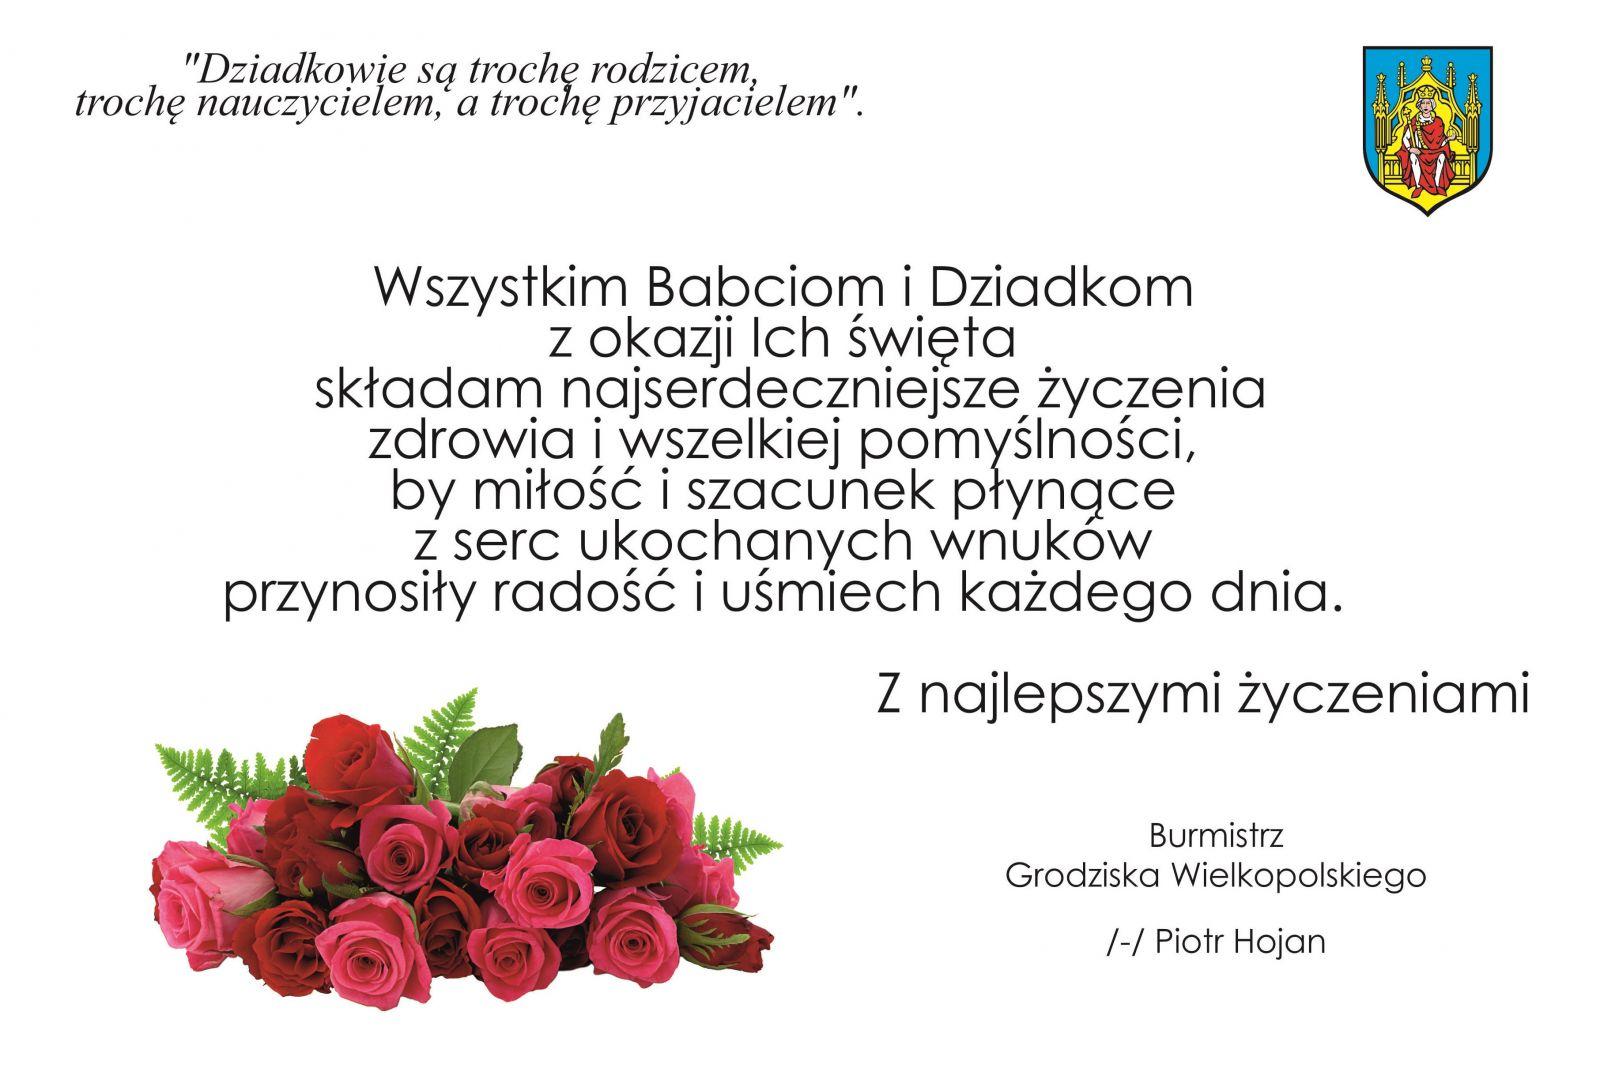 Um Grodzisk Wielkopolski Najlepsze życzenia Dla Babci I